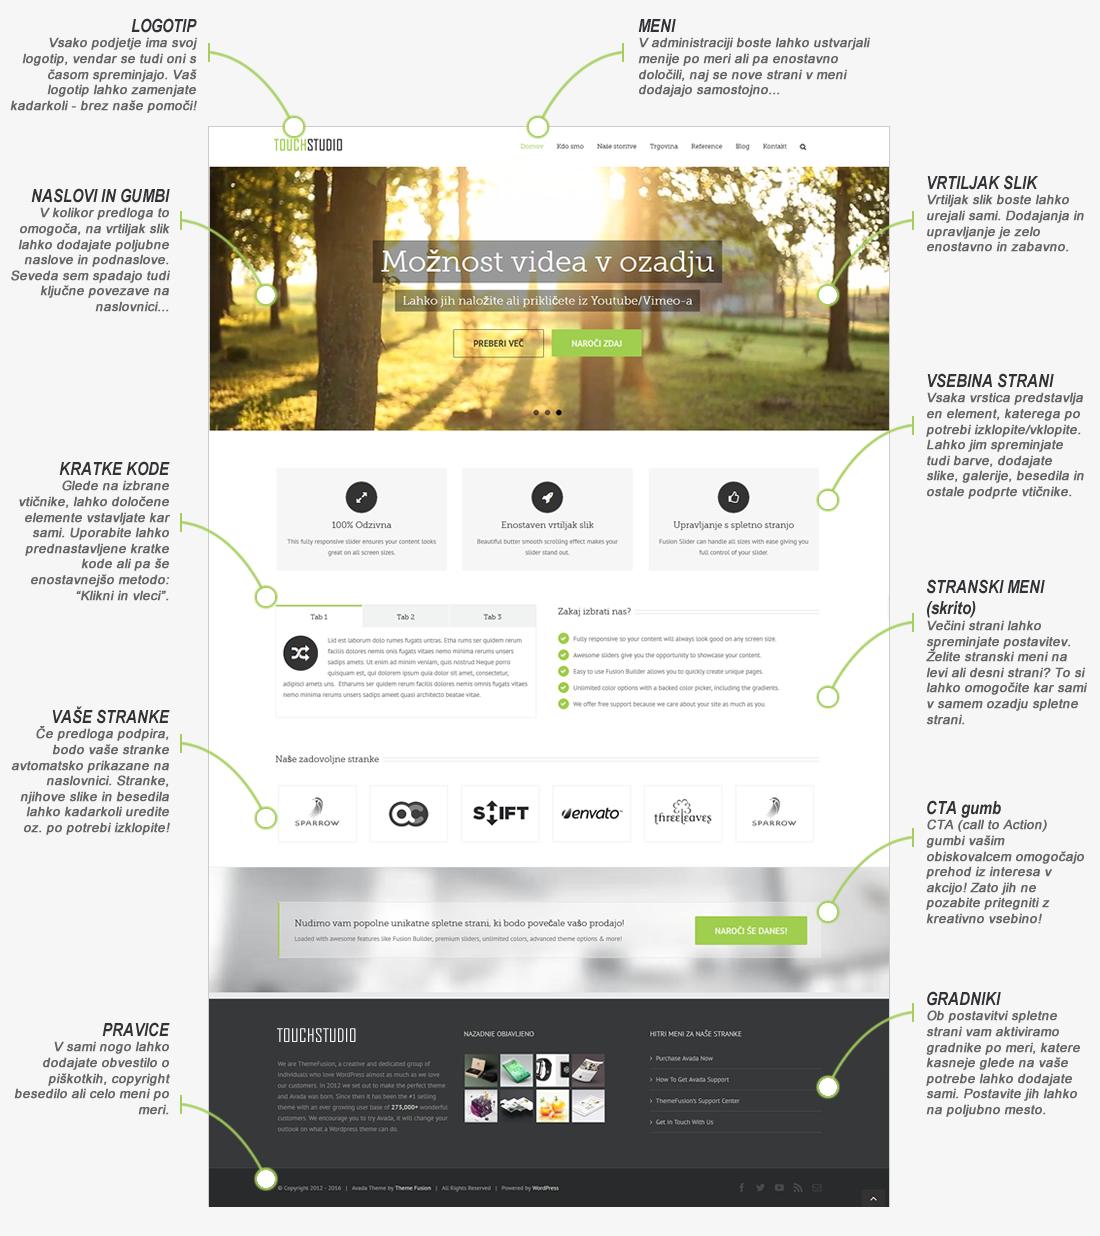 izdelava spletnih strani s samostojnim urejanjem vsebine